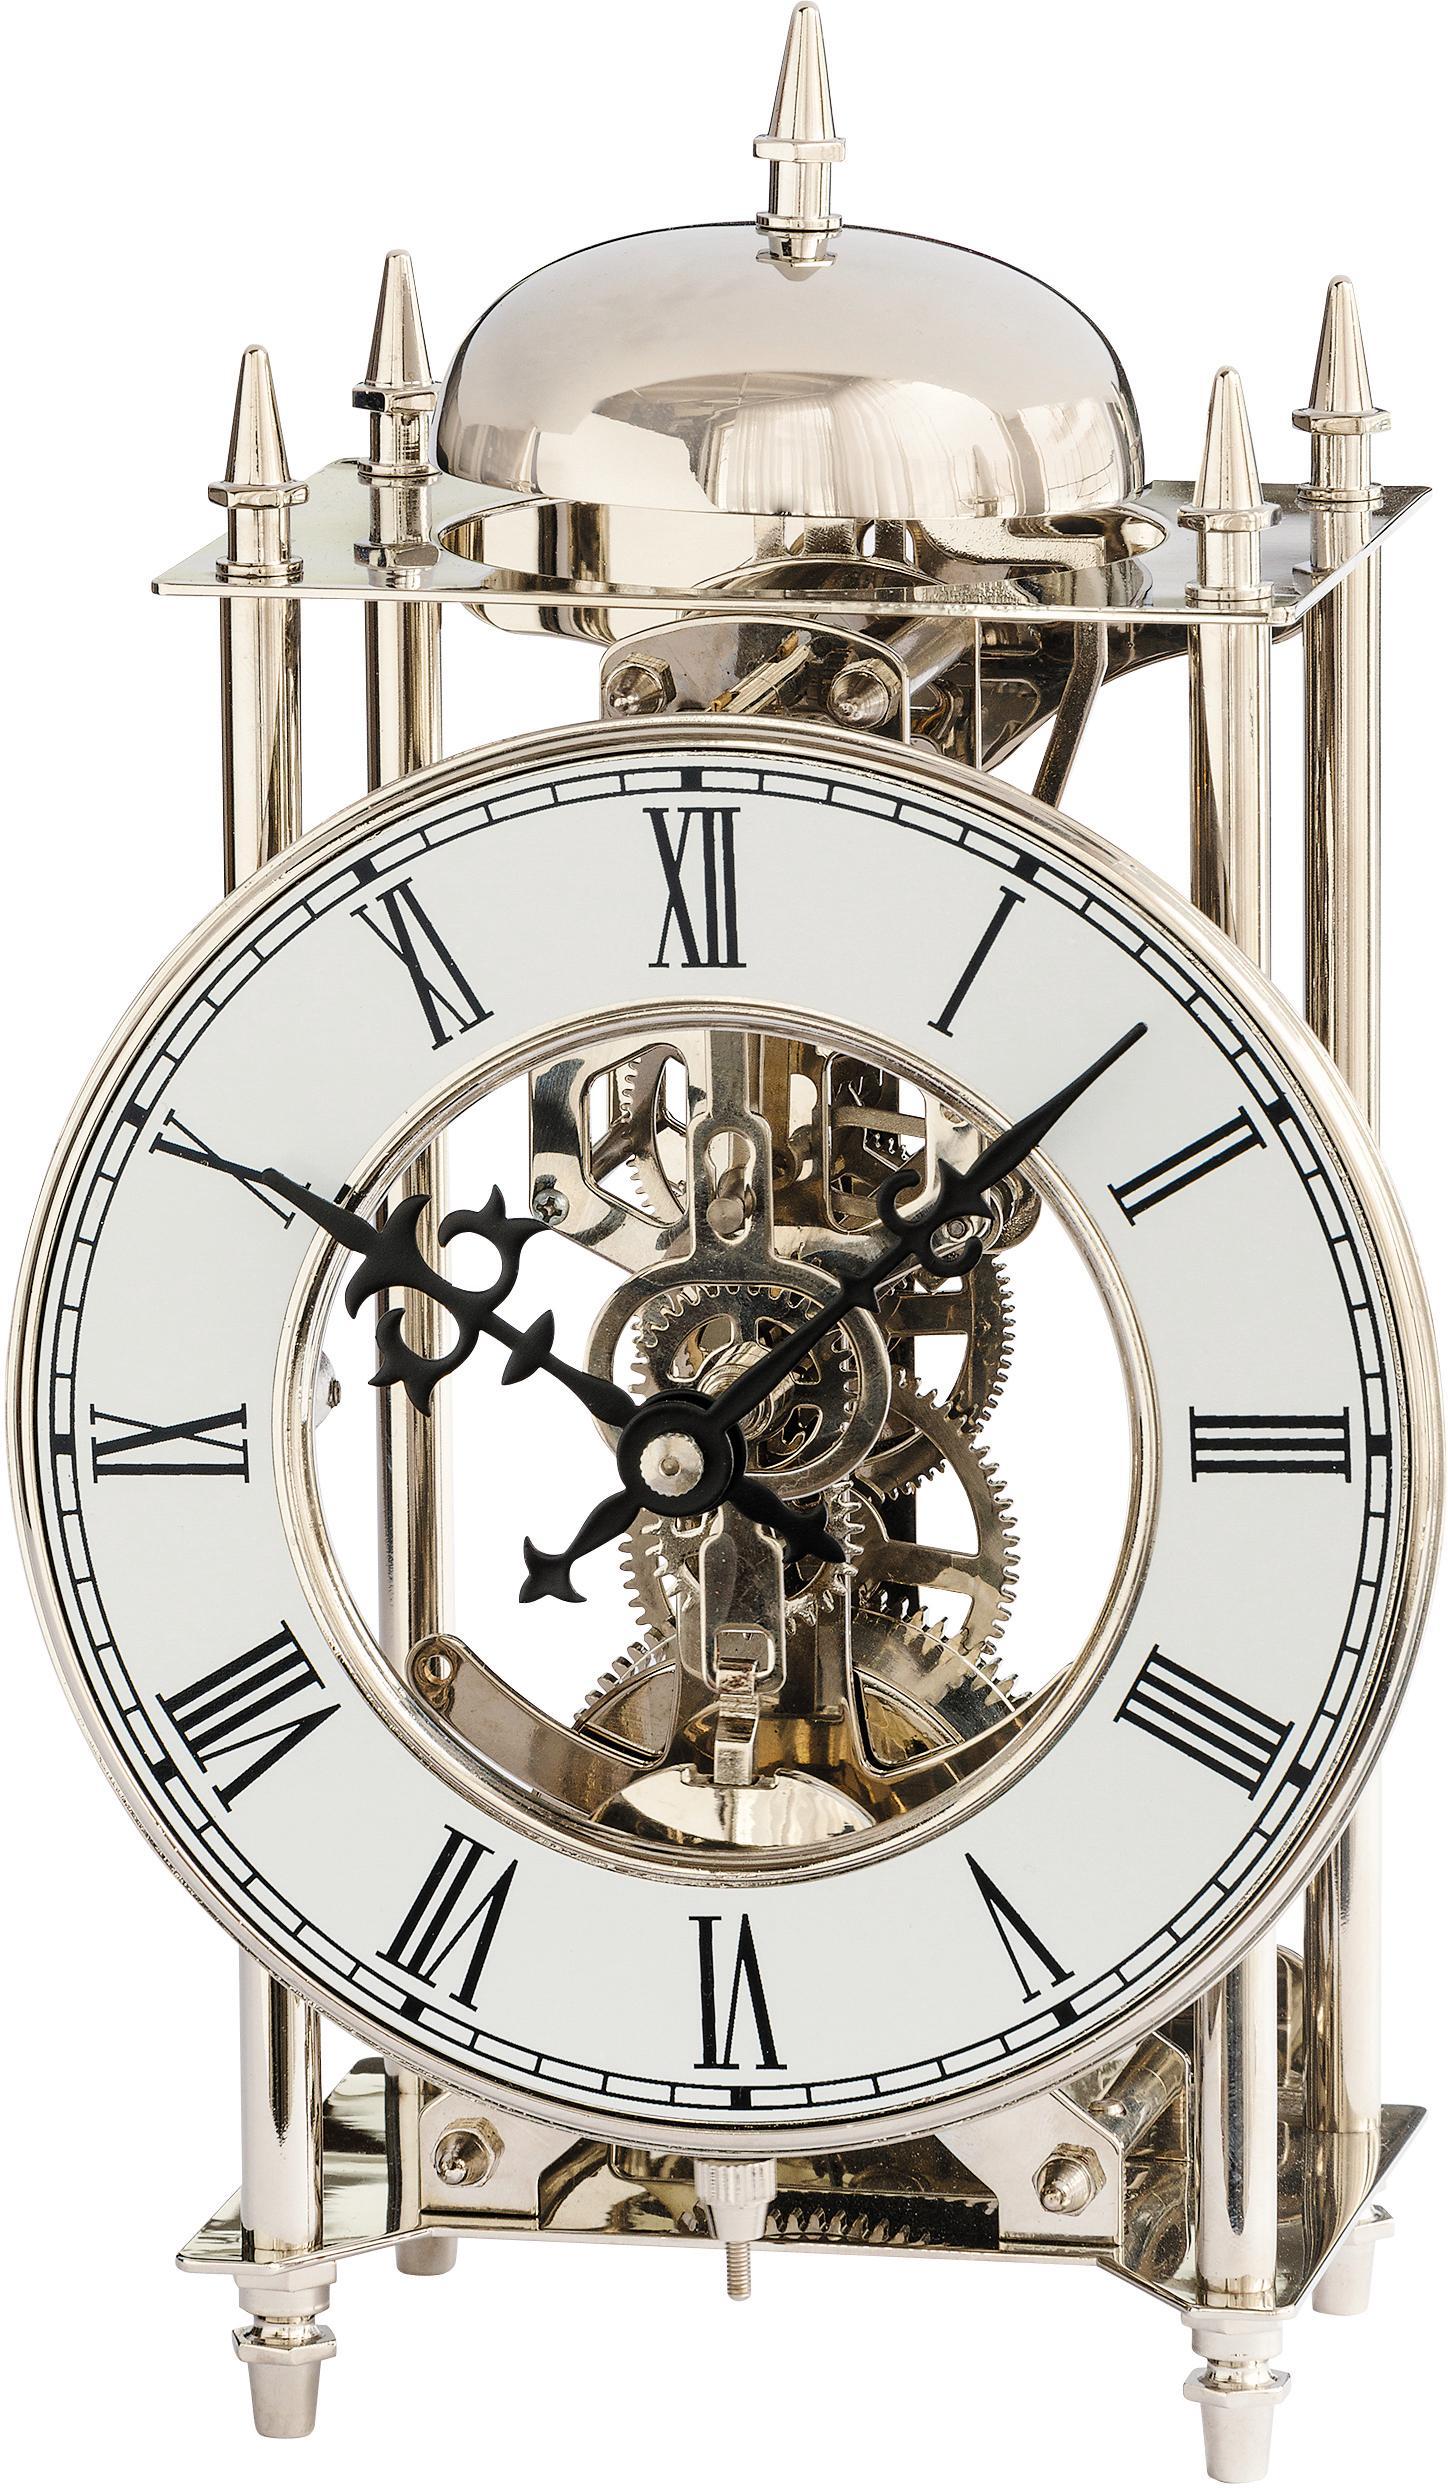 AMS Tischuhr T1184   Dekoration > Uhren > Standuhren   Ams